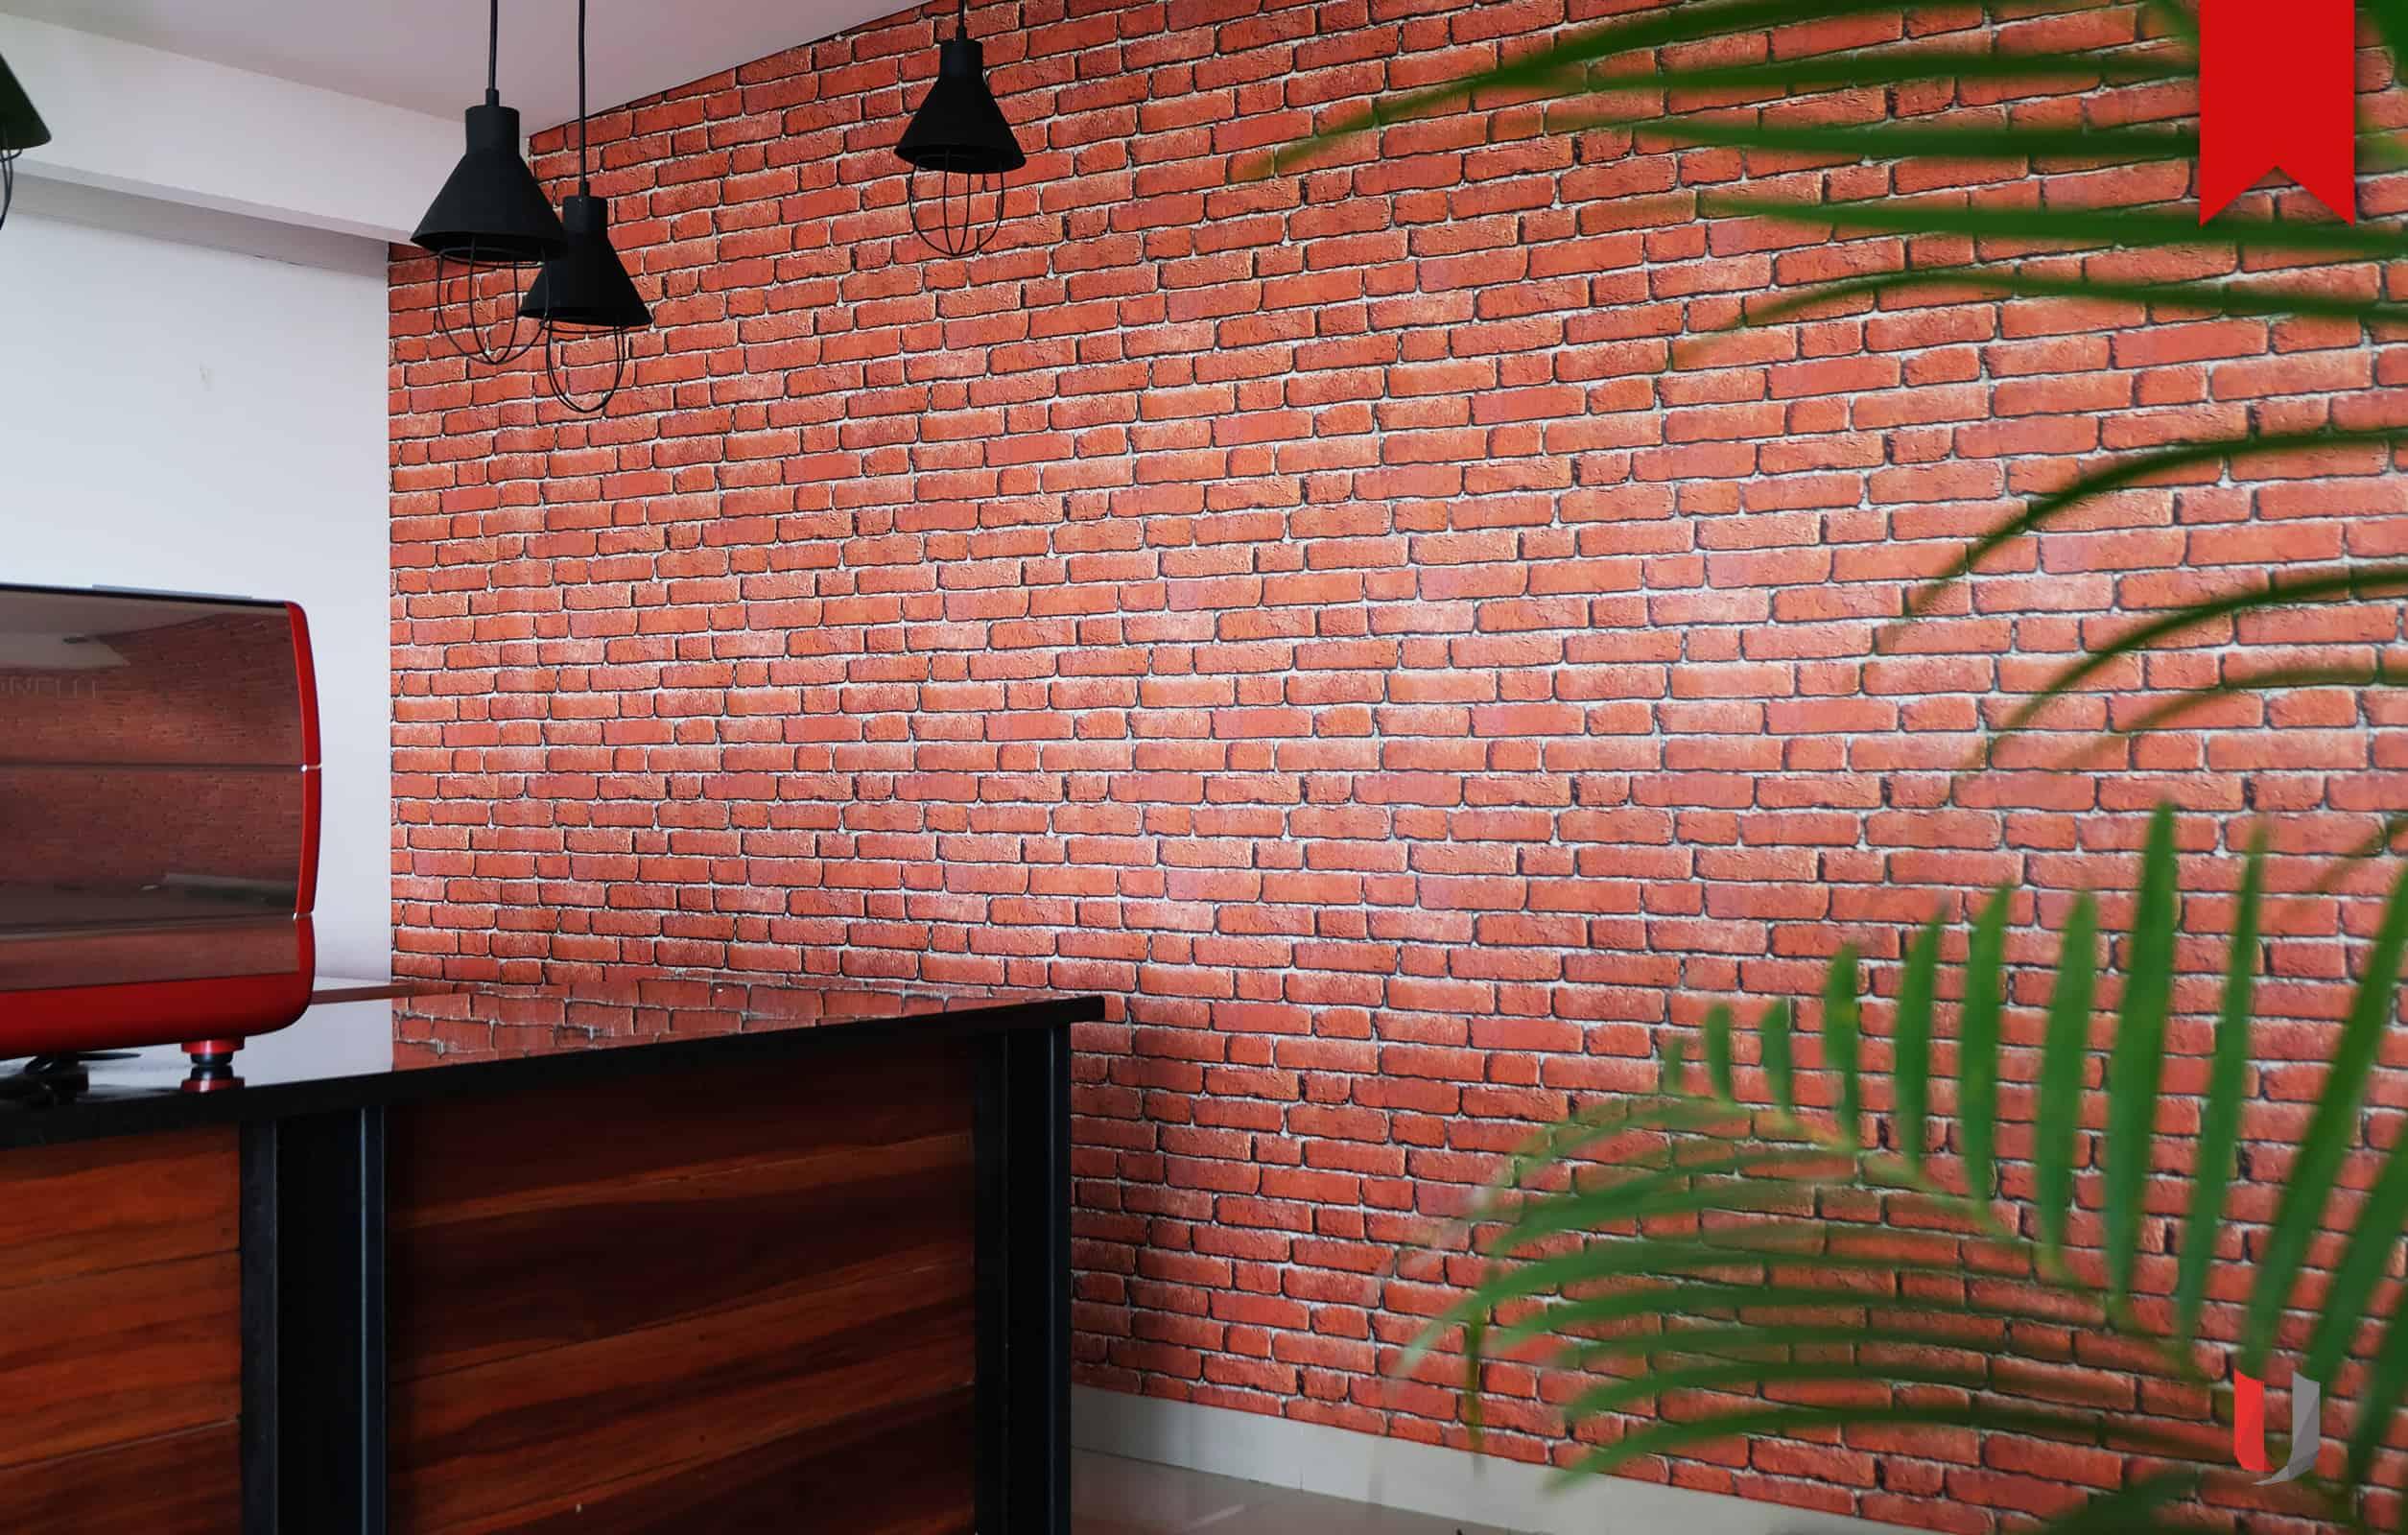 toko wallpaper daerah denpasar bali dengan harga murah murah dan lengkap